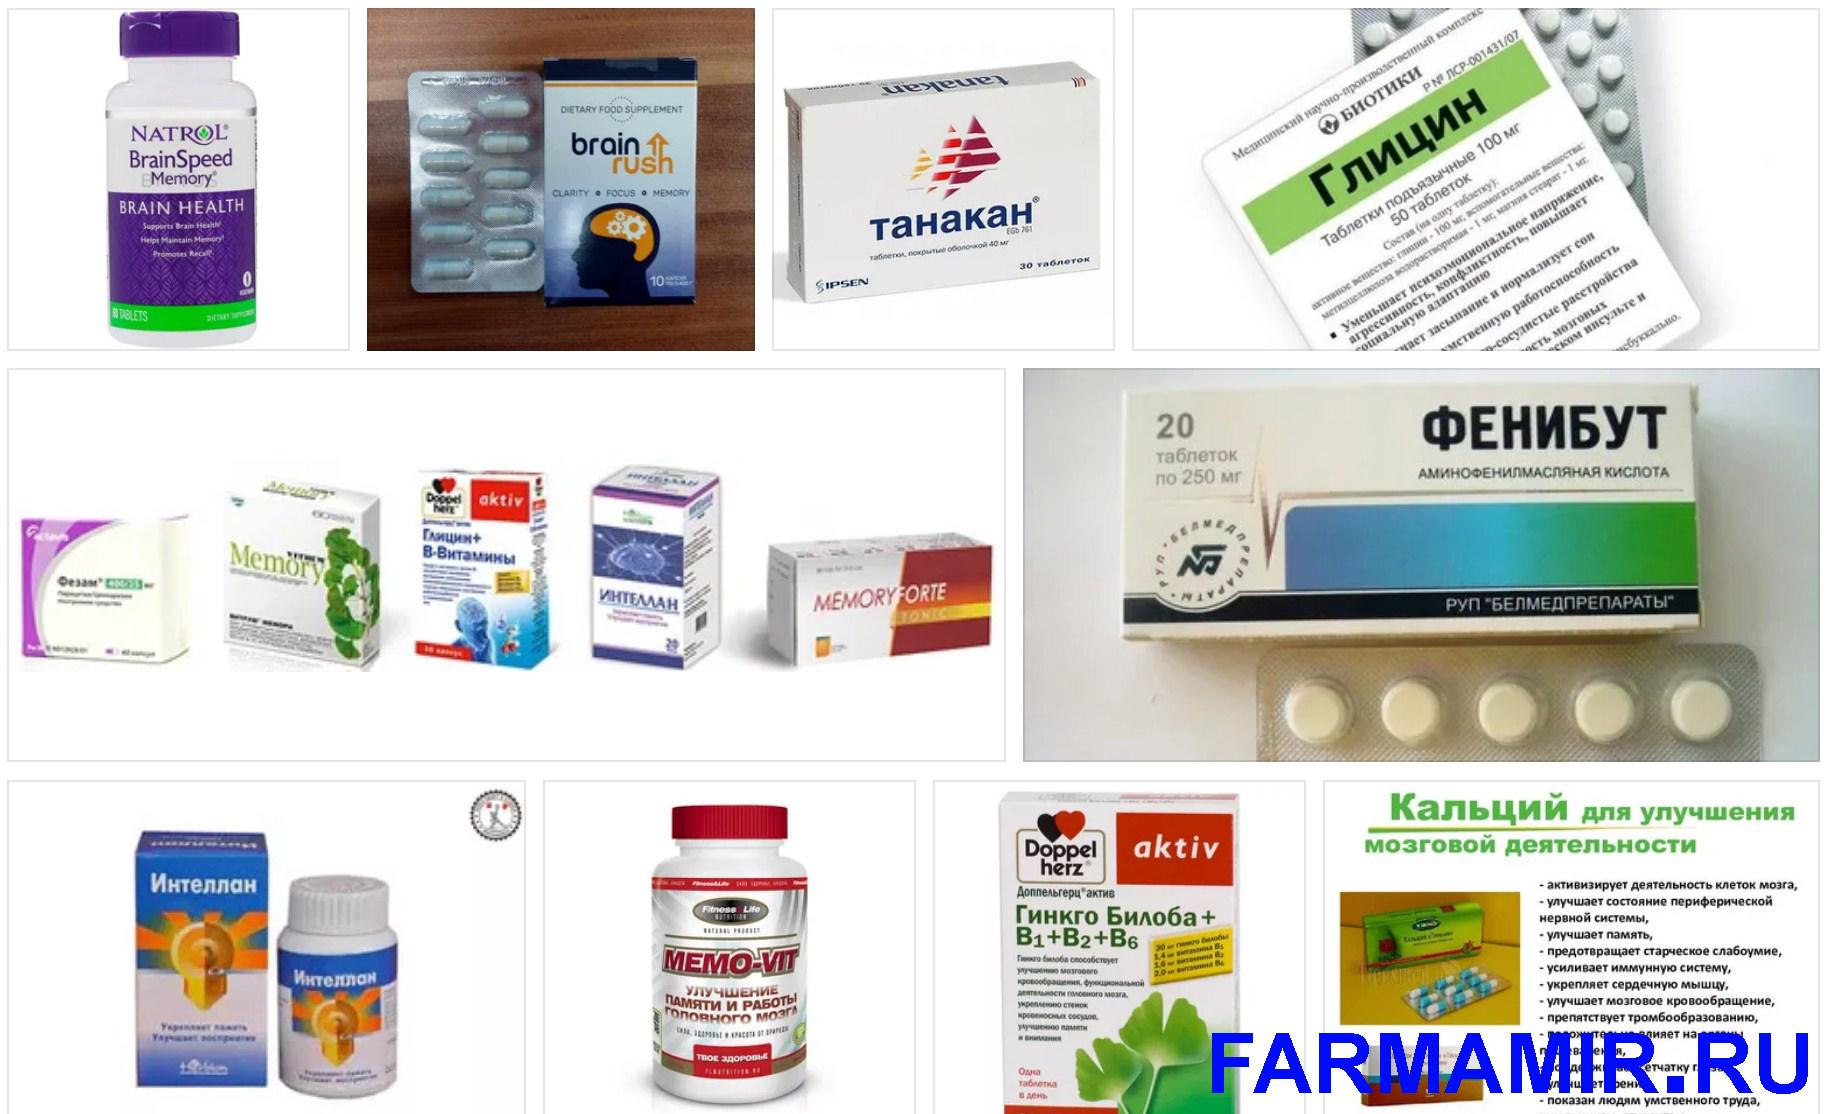 Препараты для улучшения памяти и внимания у взрослых